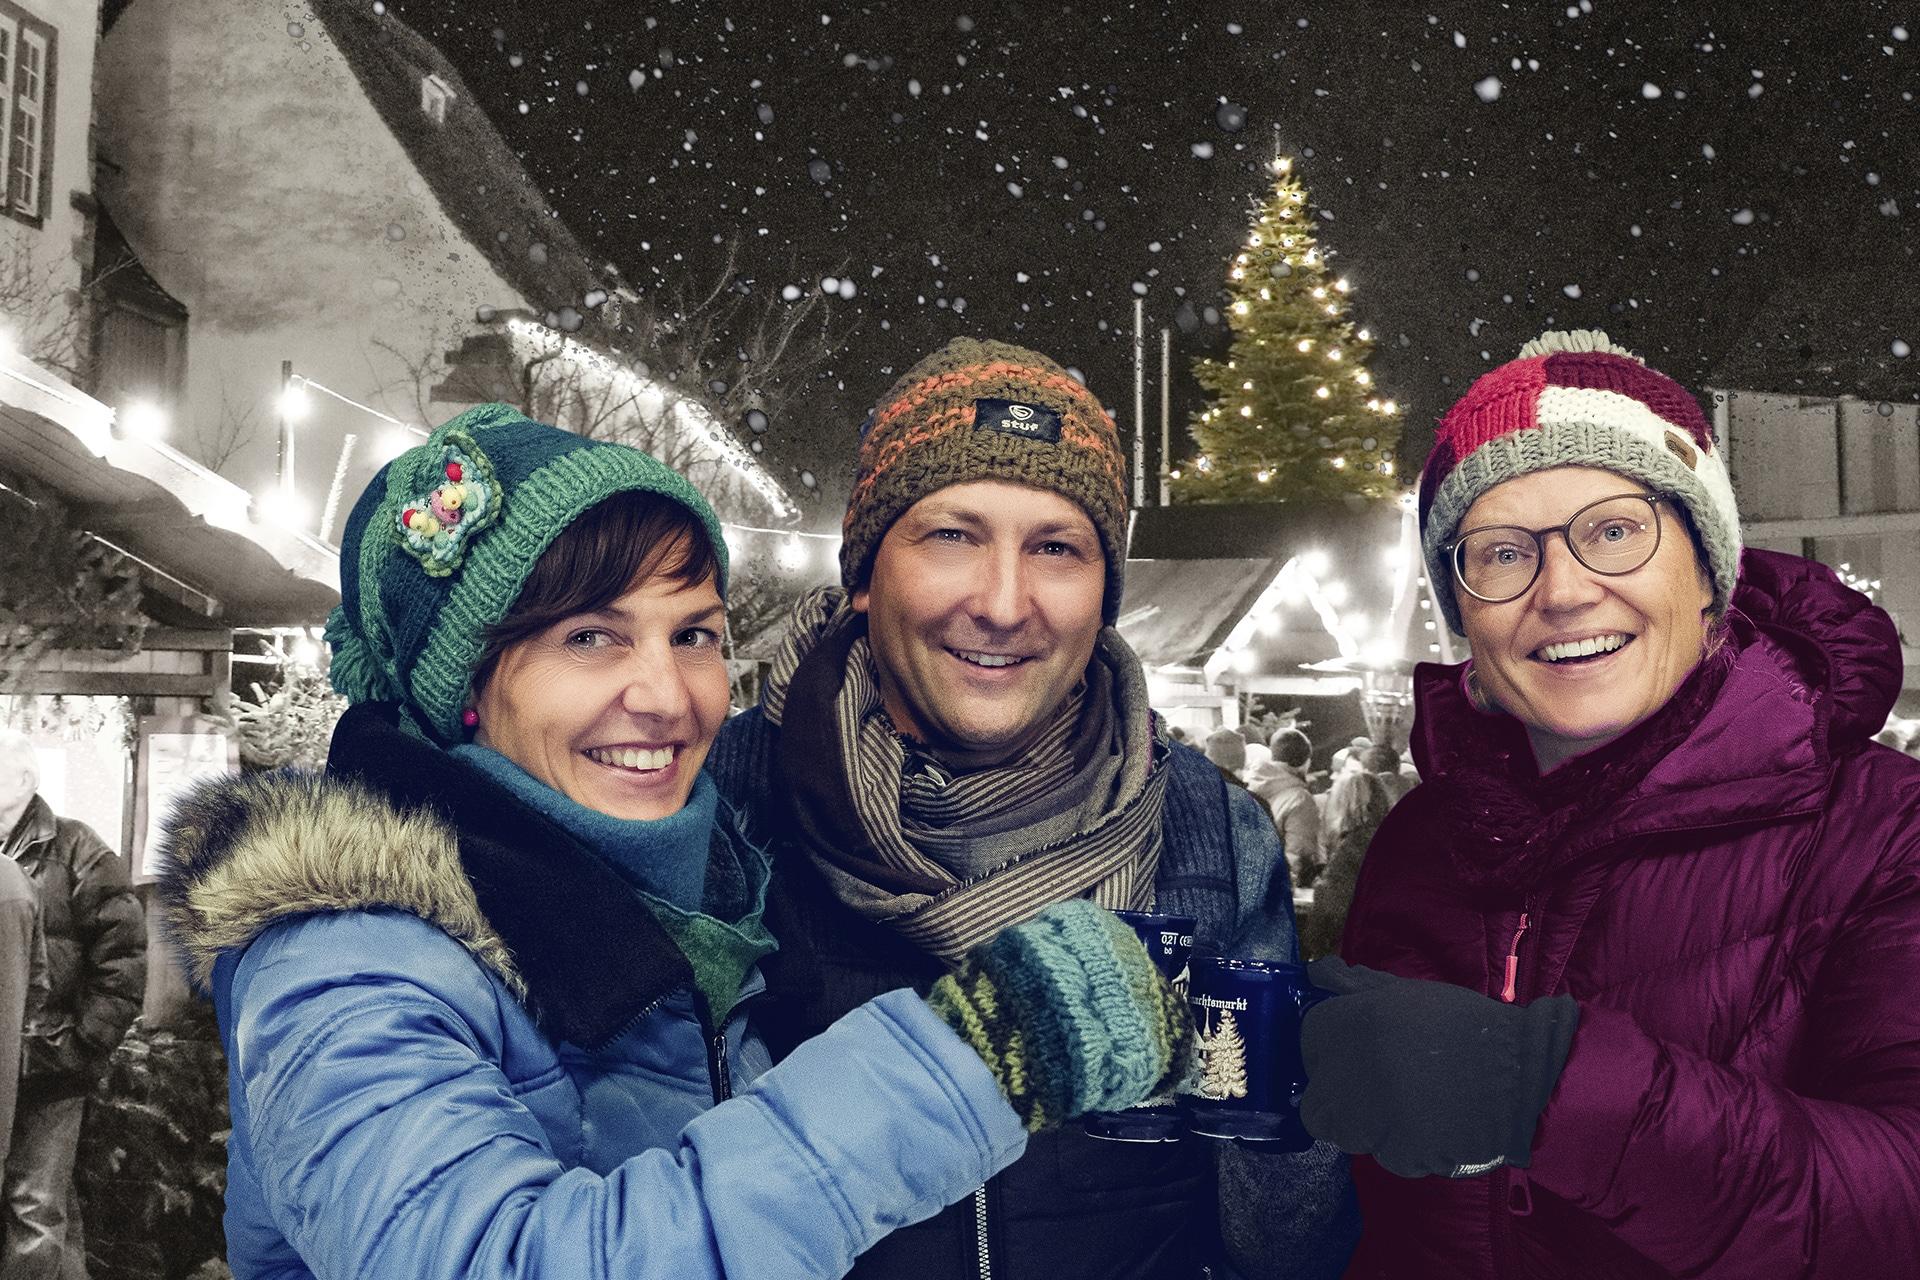 Fotoshooting für Weihnachtsmarkt-Kampagne der Stadt Schrozberg